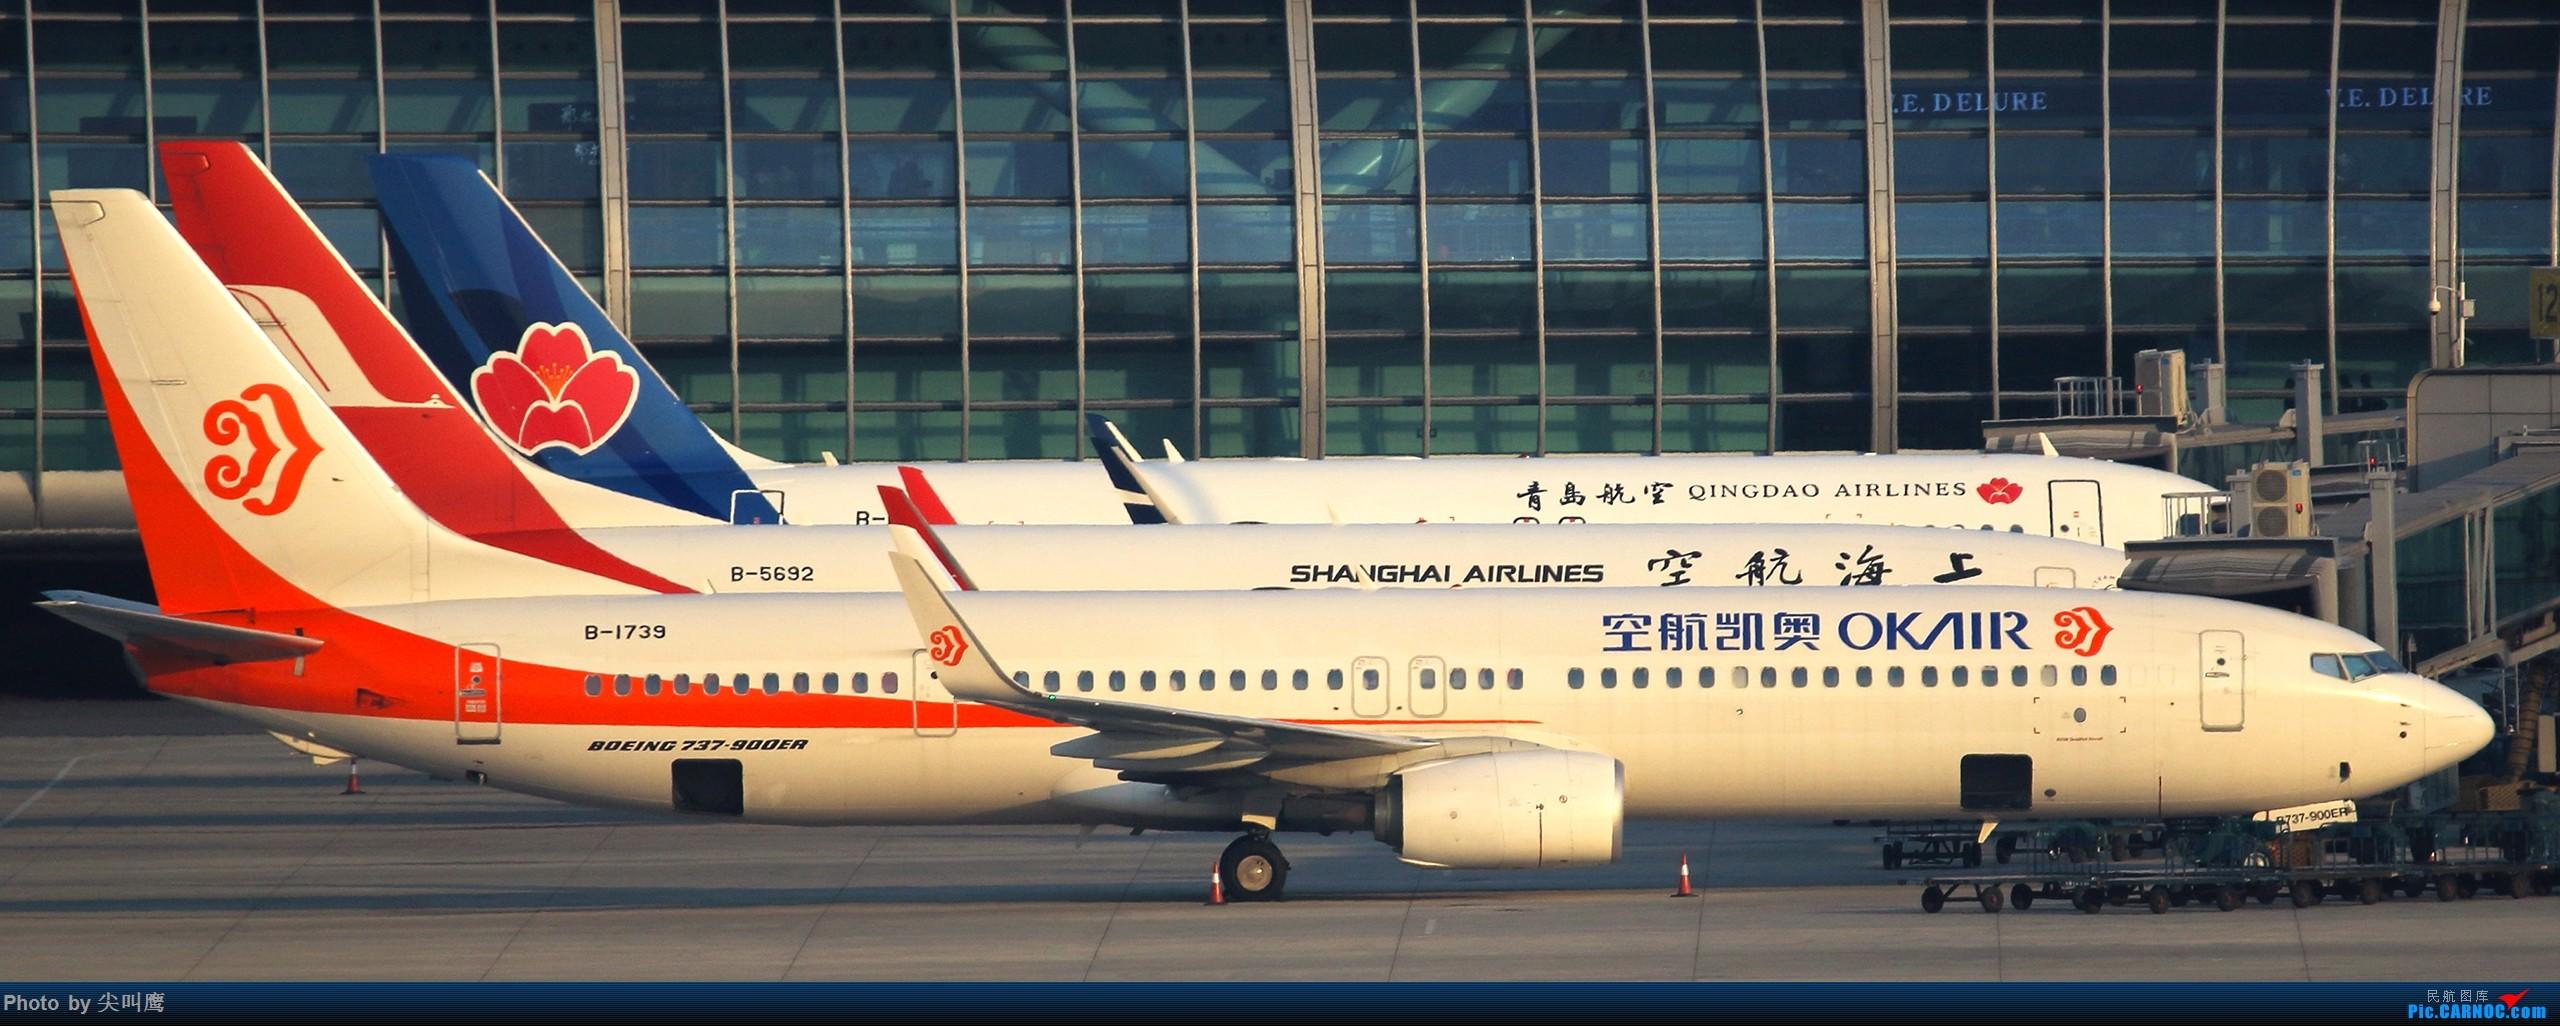 Re:[原创]737-800排排坐 BOEING 737-900ER B-1739 中国南宁吴圩国际机场